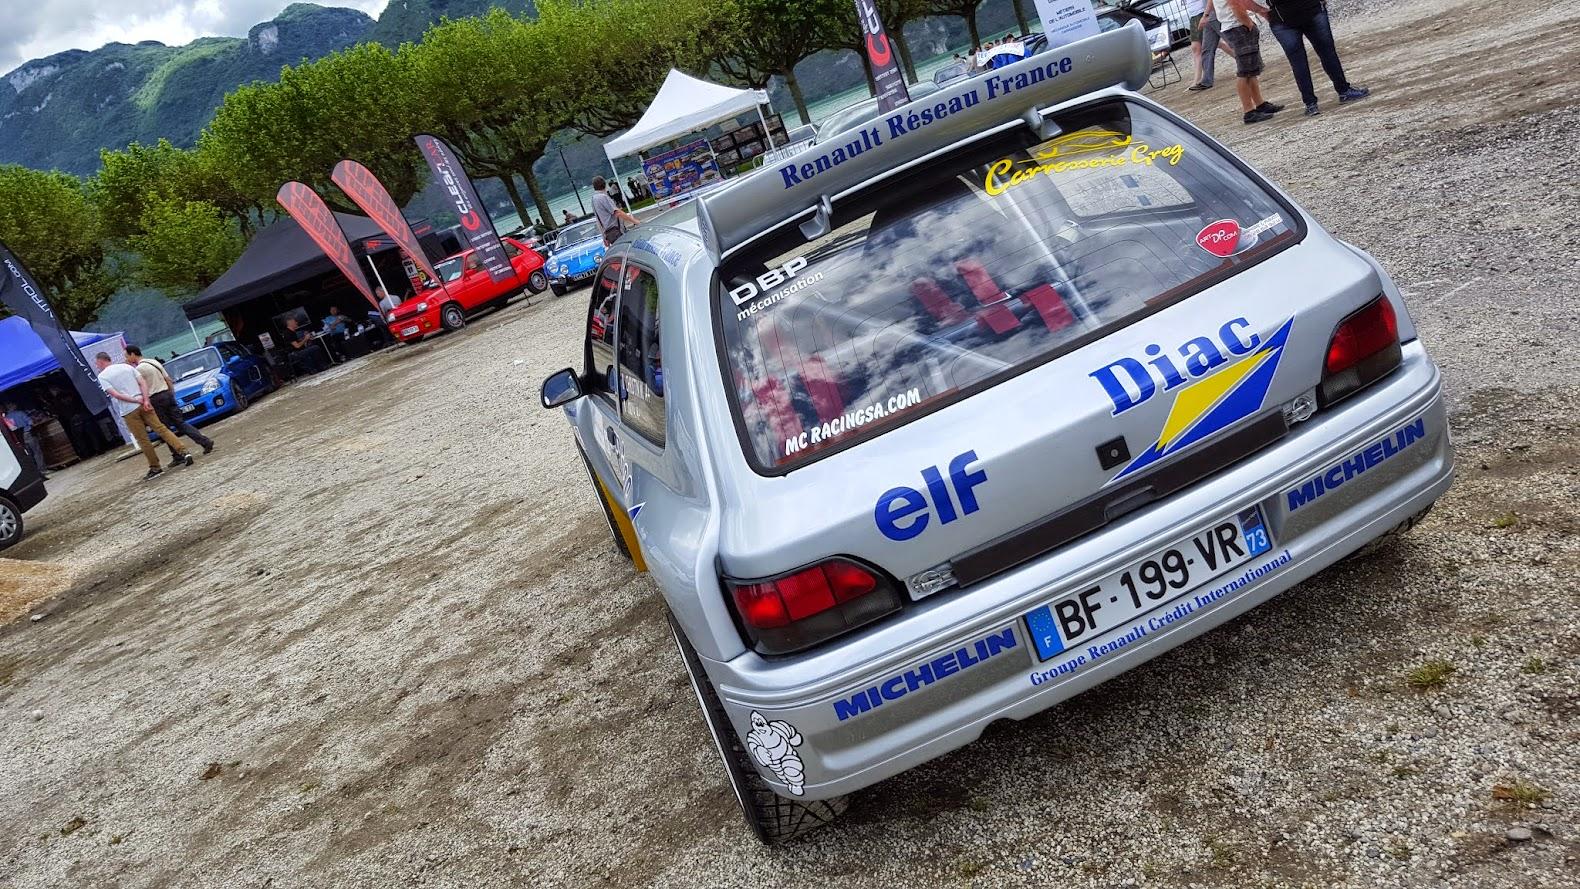 -5e Rassemblement RS et Alpine : 11/12 juin 2016 à Aix- - Page 5 20160611_133425